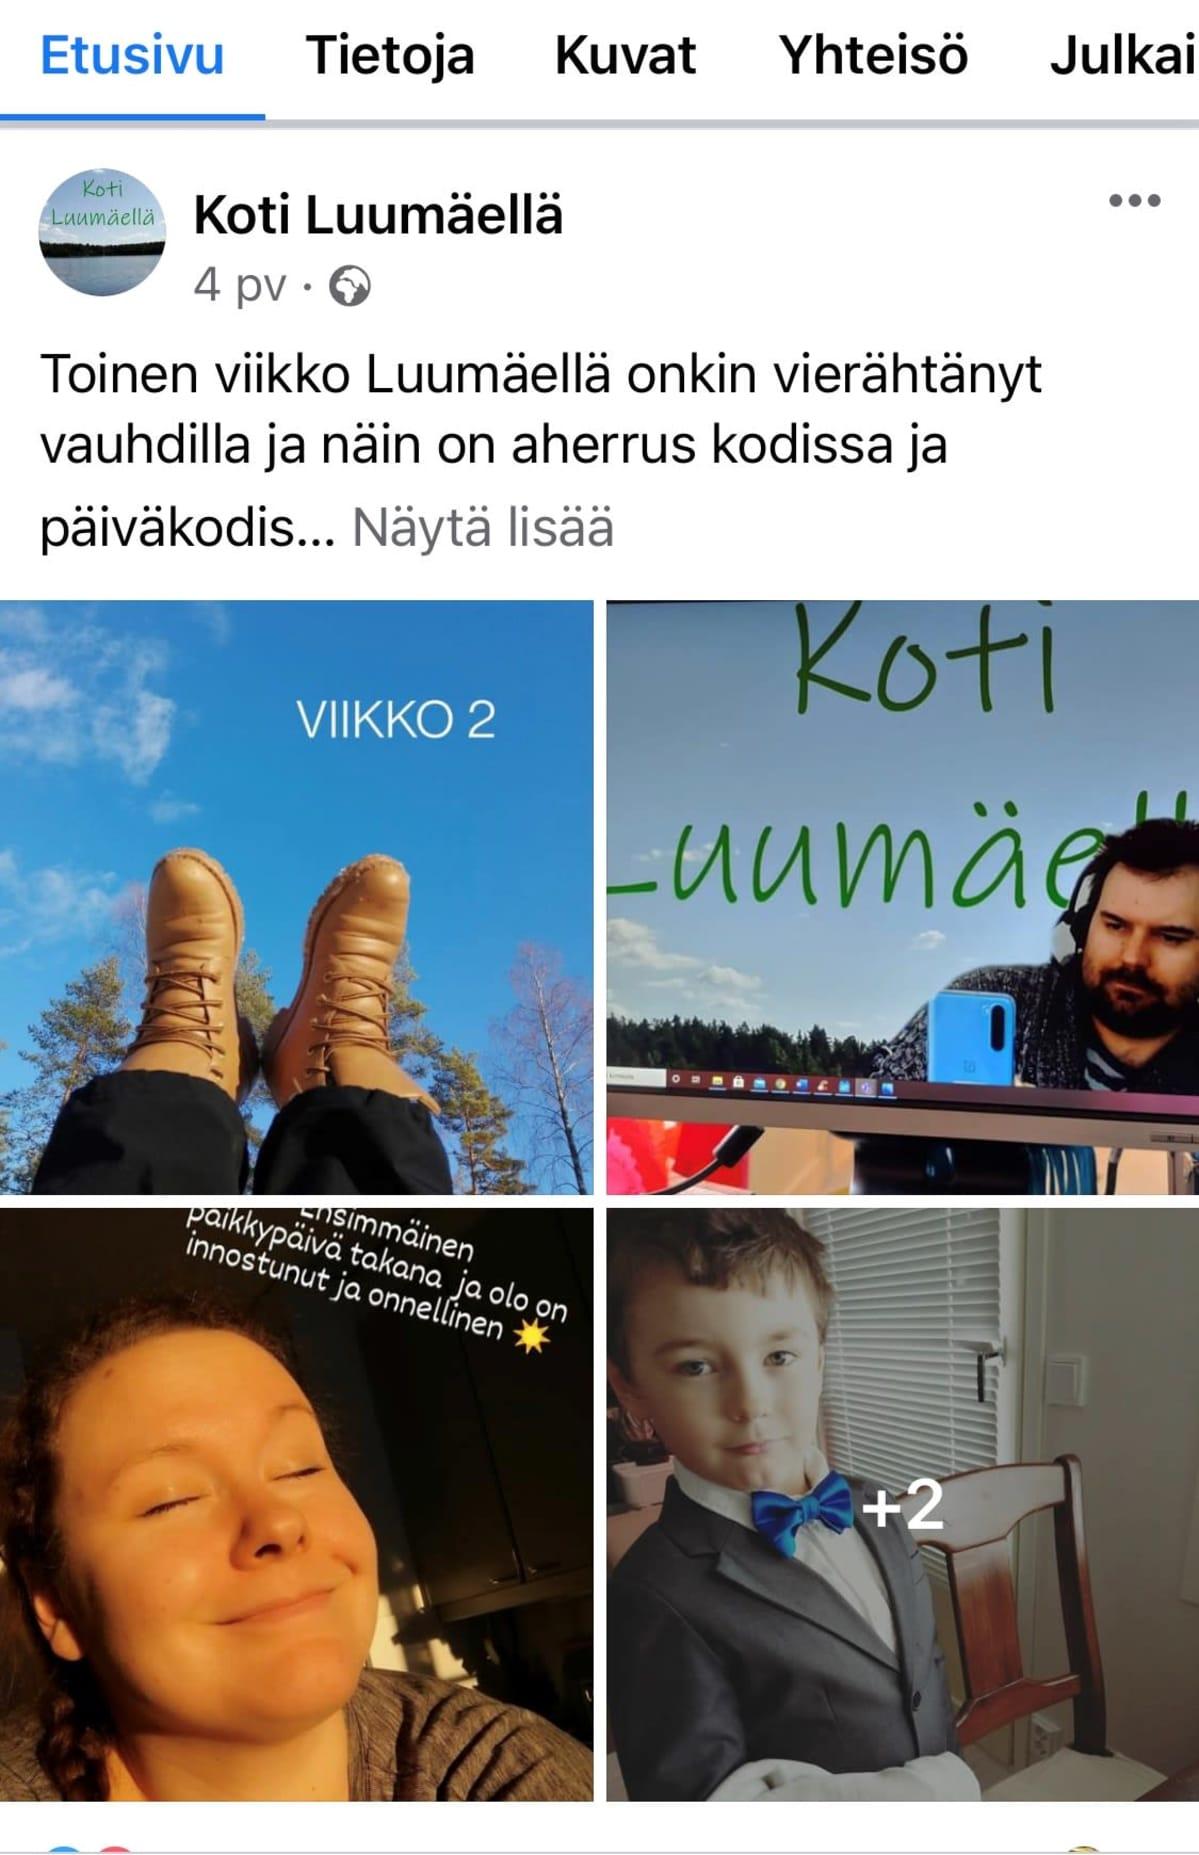 Kuvakaappaus perheen Facebook-tililtä. Kuvissa kuvia perheestä